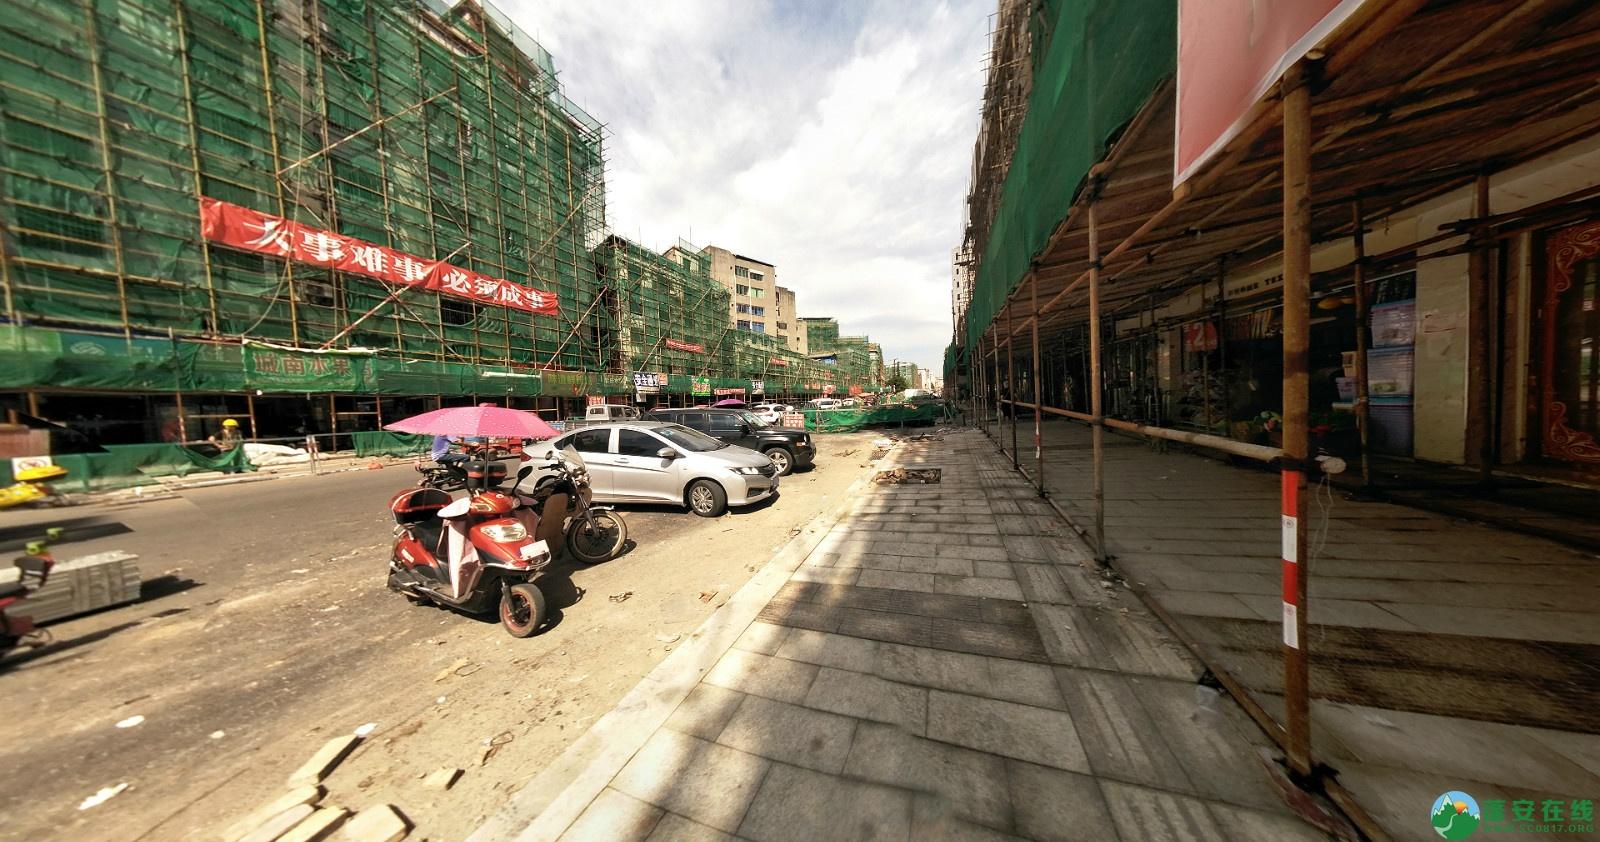 蓬安建设路改造进展(2020-08-05) - 第3张  | 蓬安在线